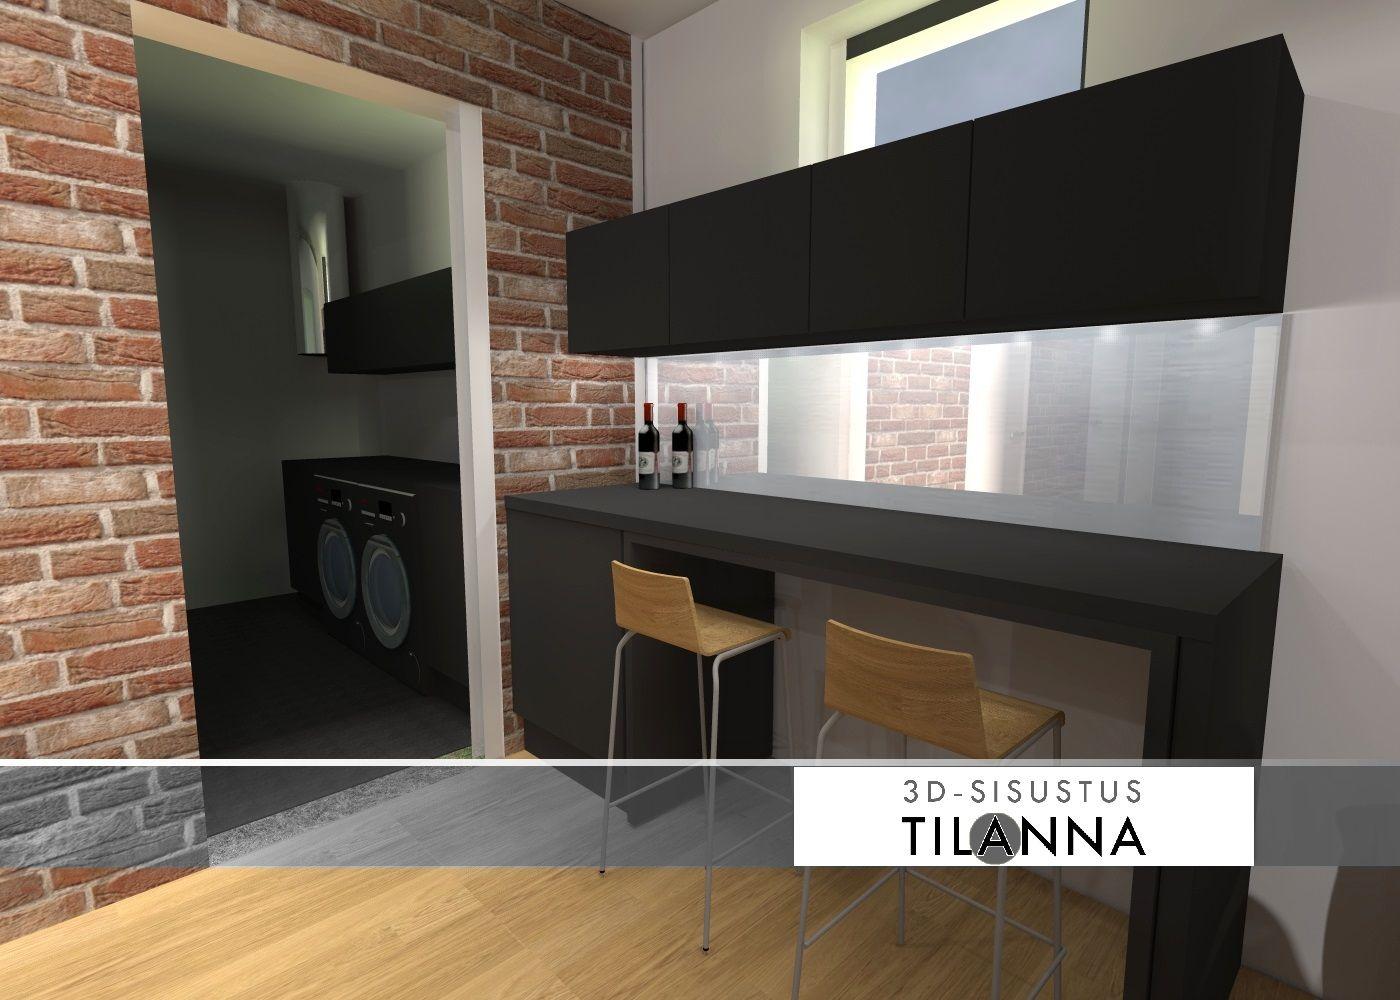 3D - sisustussuunnittelu / kellarin saunatuvan apukeittiö, tason alla irtotaso lisäpöydäksi, basement scullery, kitchen / 3D-sisustus Tilanna, sisustussuunnittelija Jyväskylä